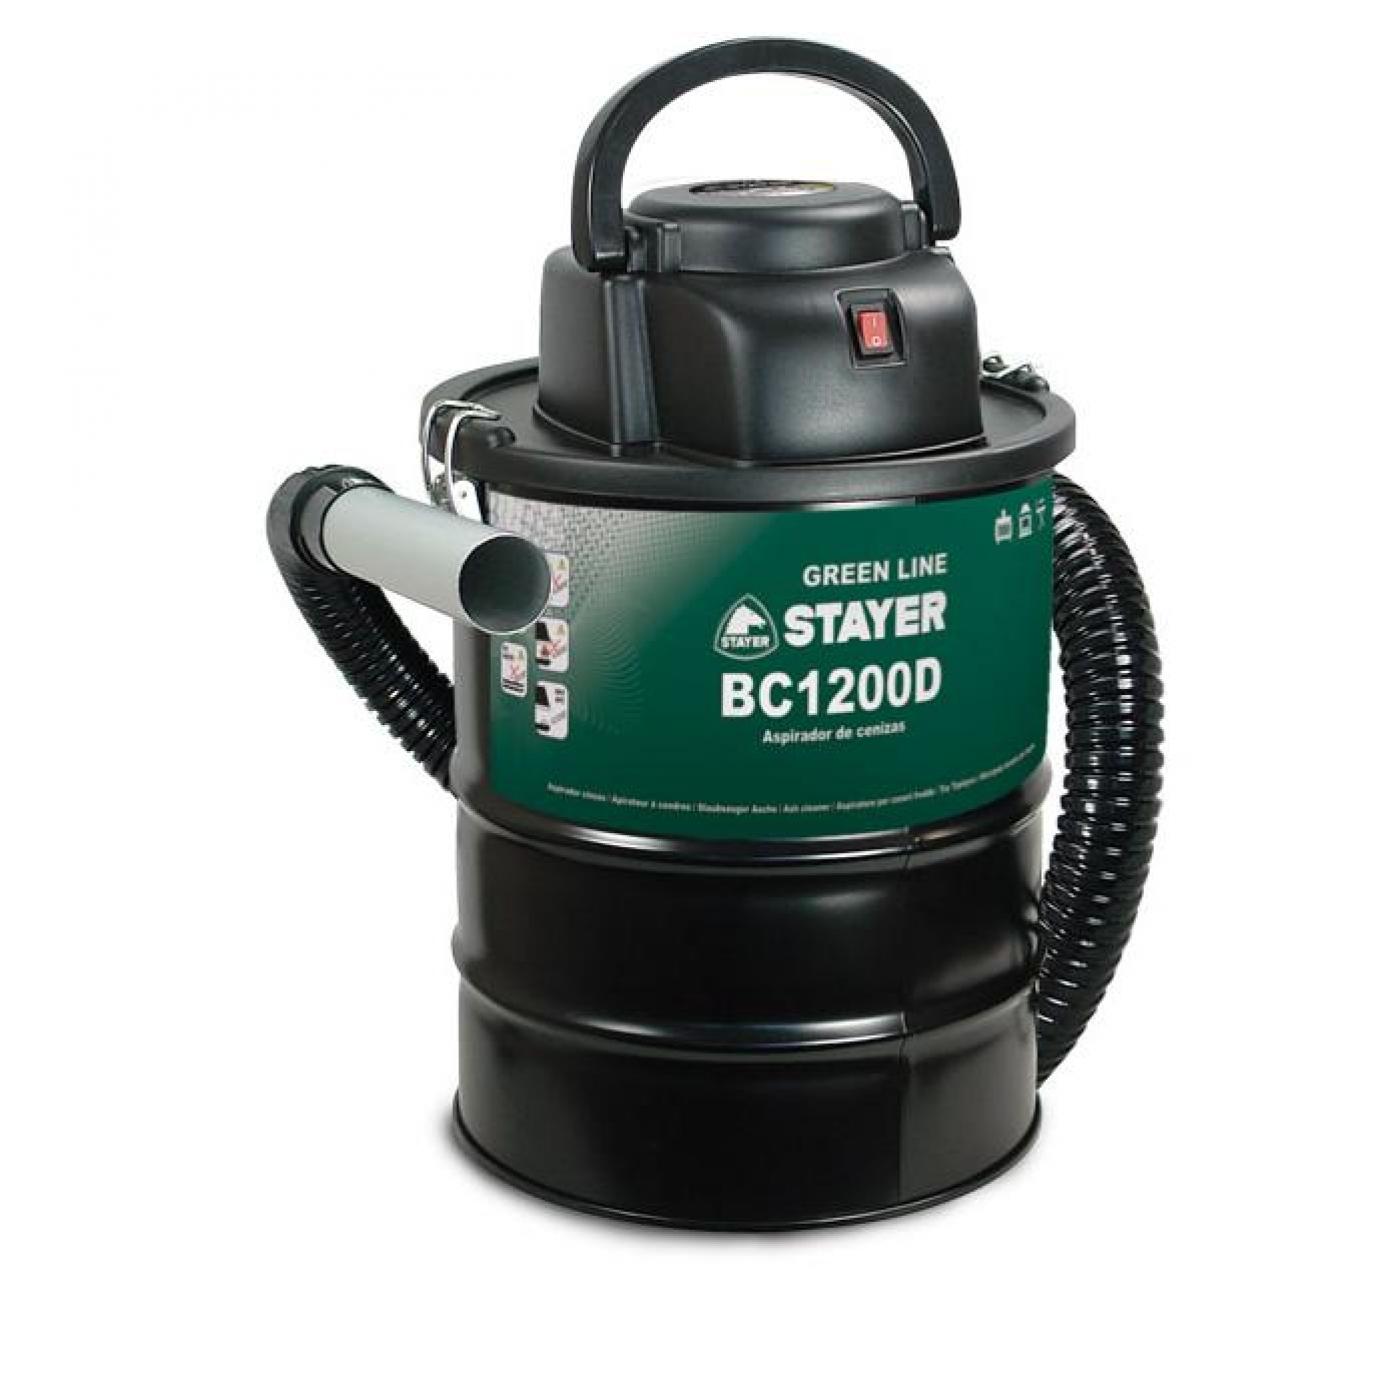 Aspirador de cenizas stayer bc 1200 d por 47 95 en - Aspiradores de ceniza ...